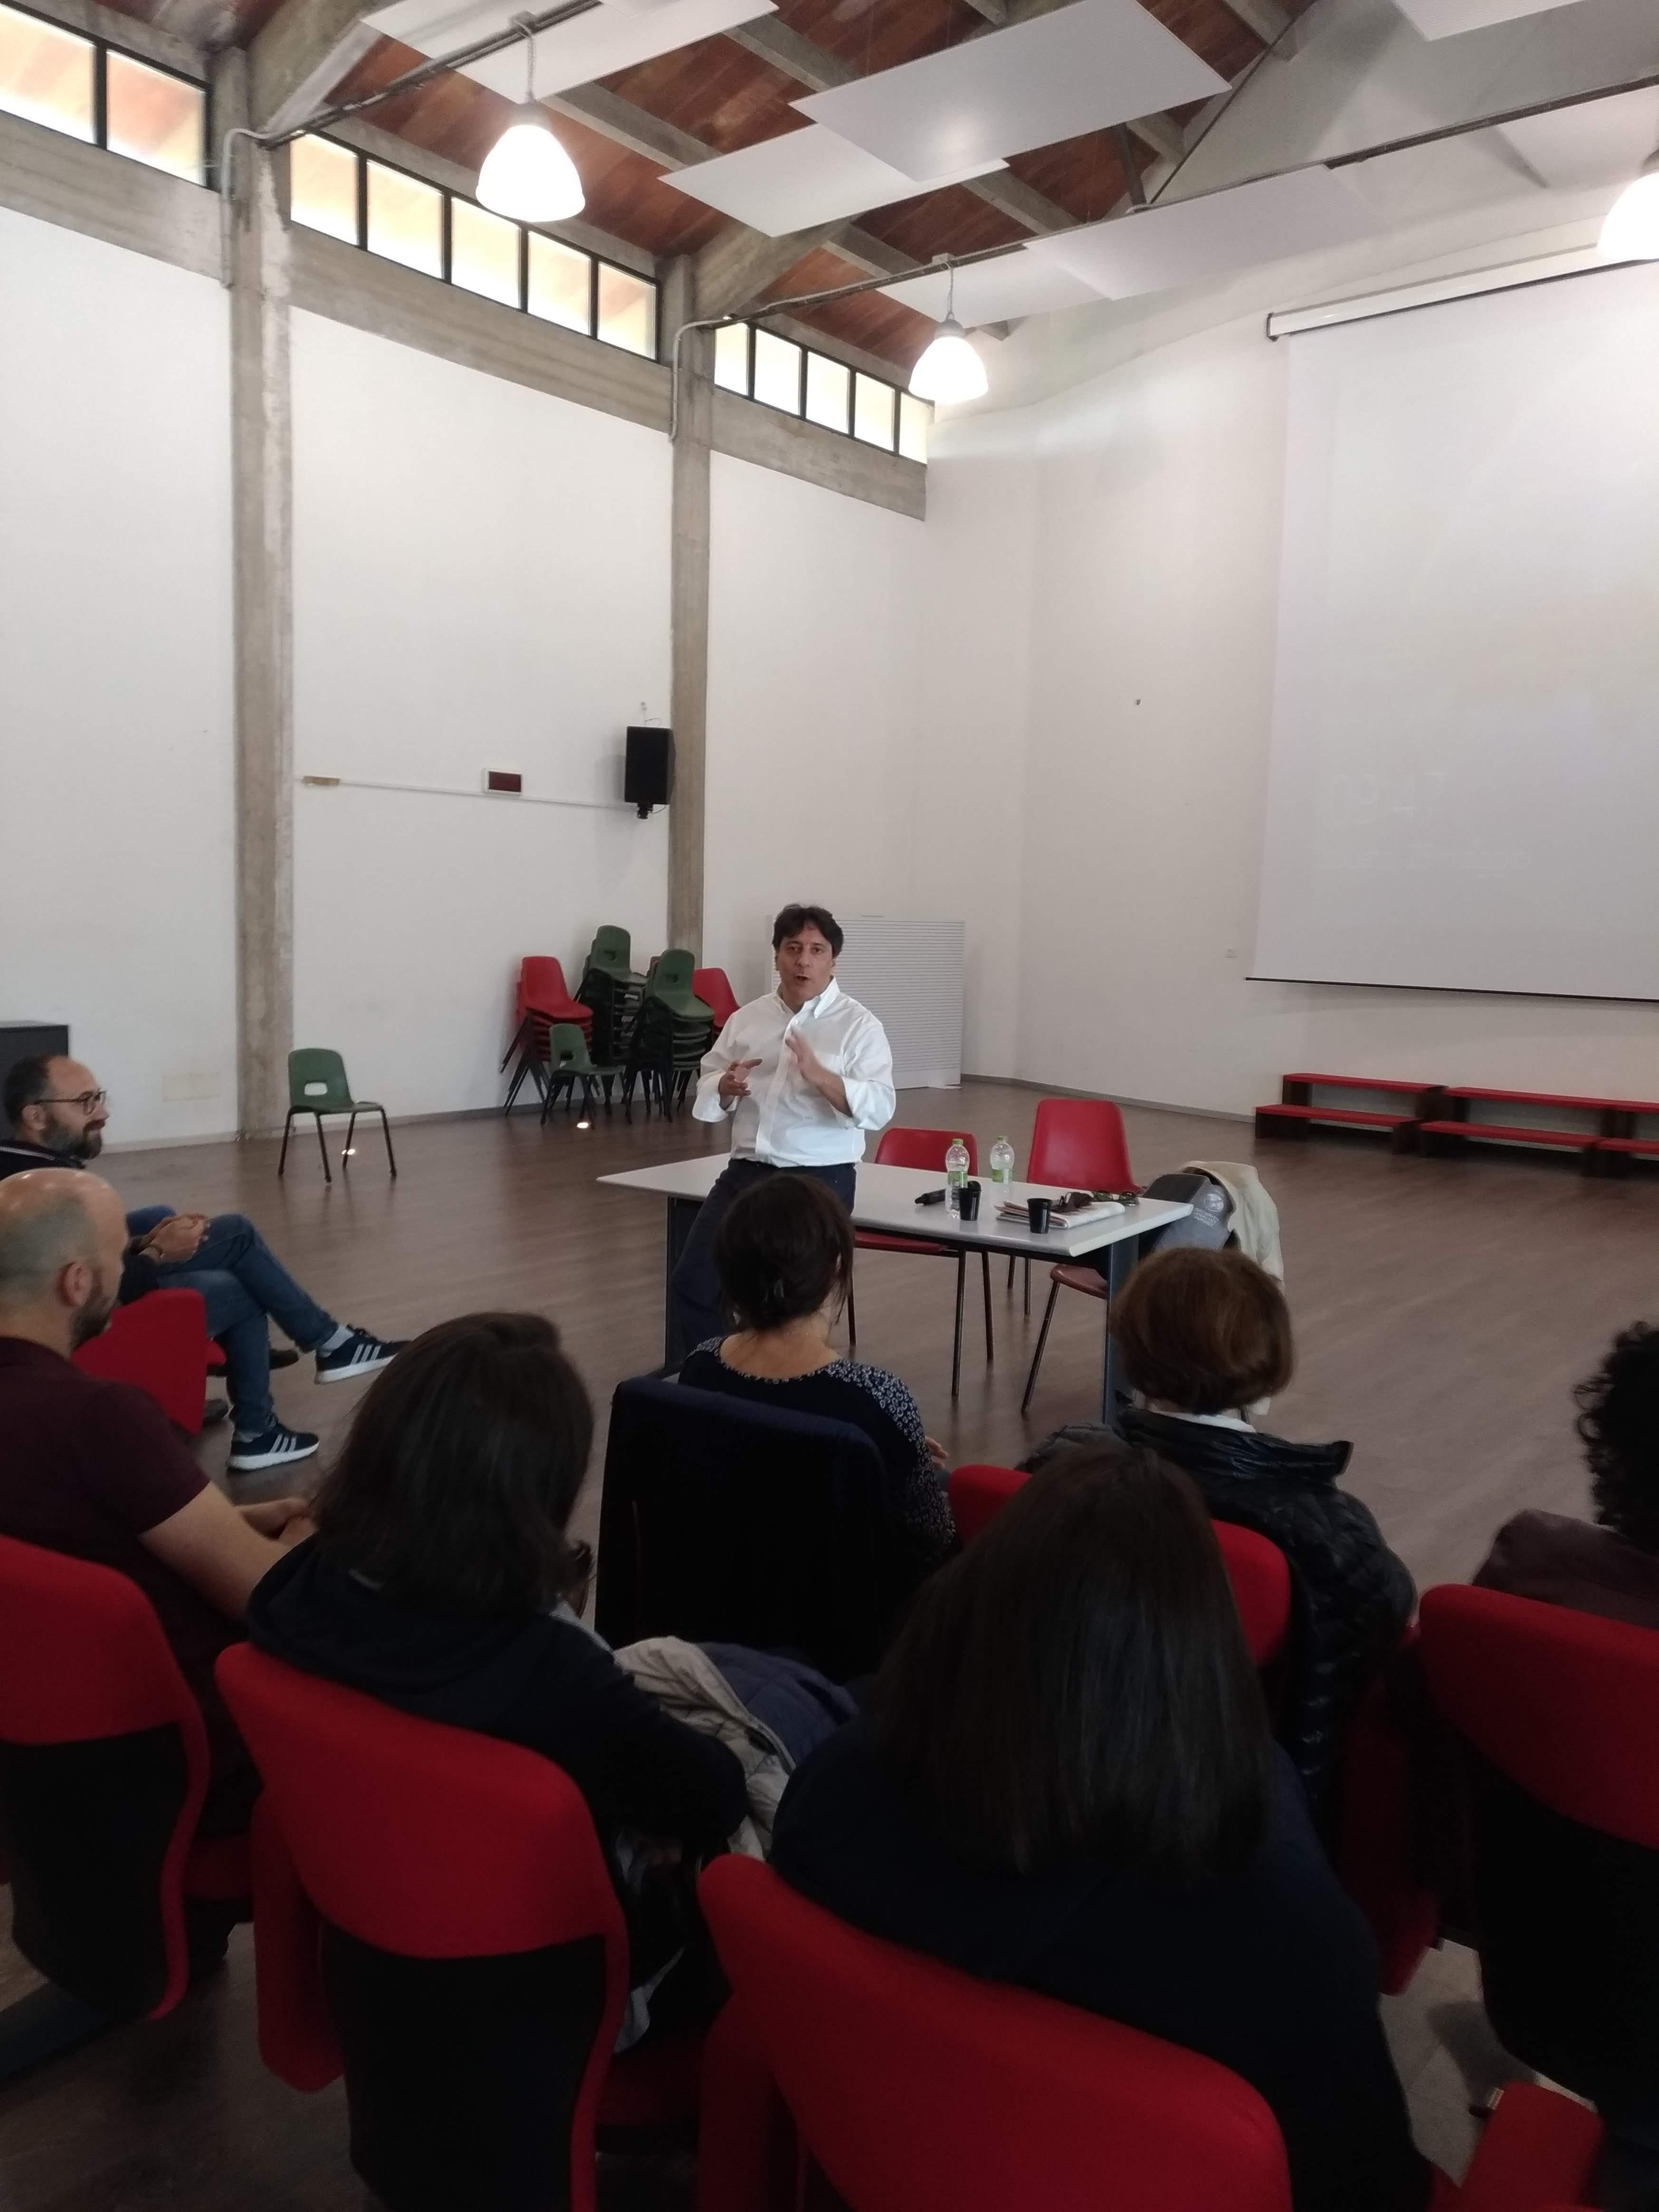 Superlativo il meeting tenuto dal prof Arturo Di Corinto ad Anguillara Sabazia